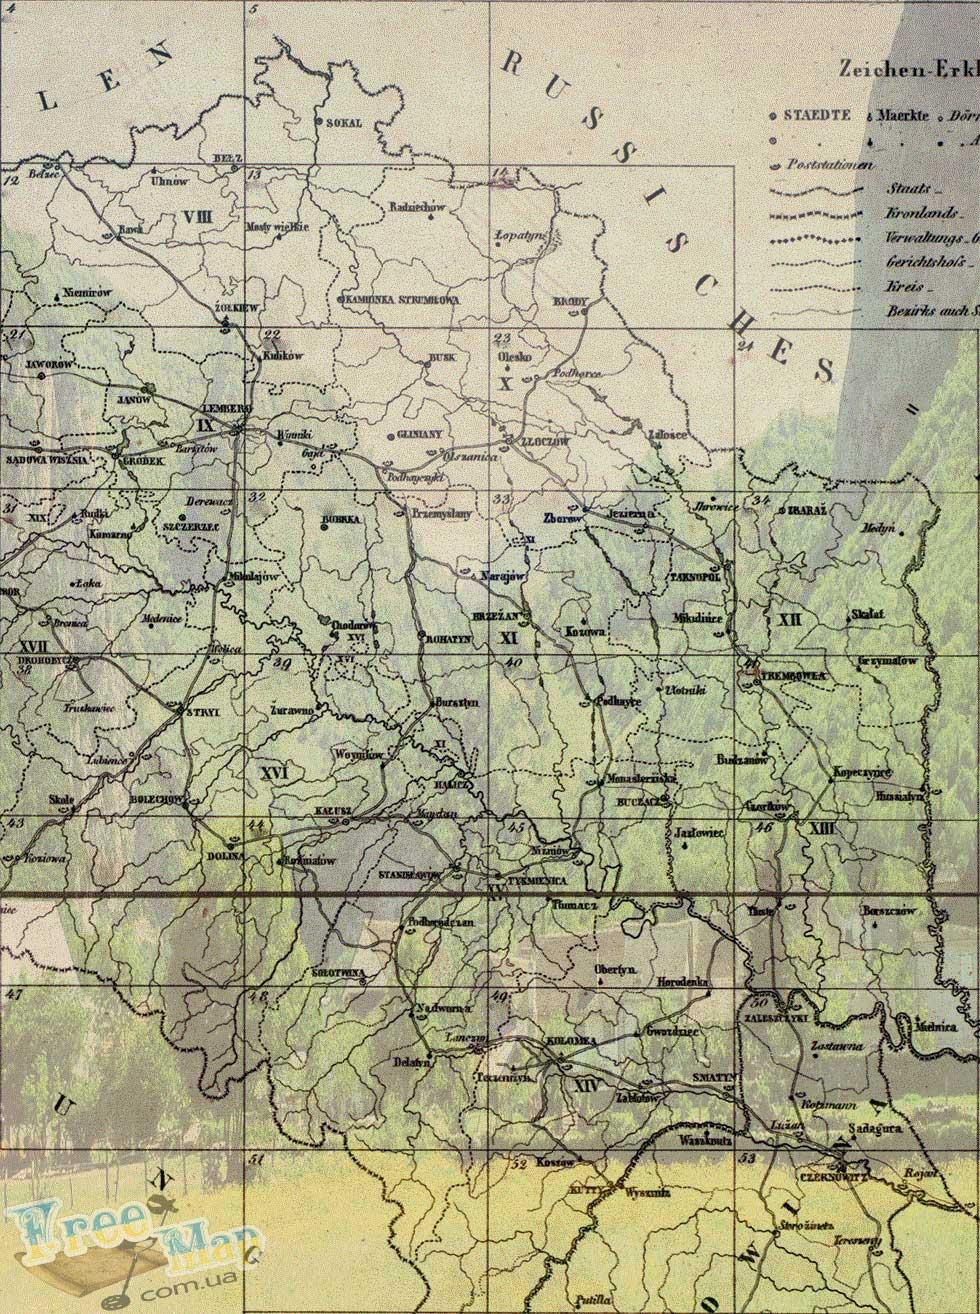 Старые карты Австро-Венгерской империи